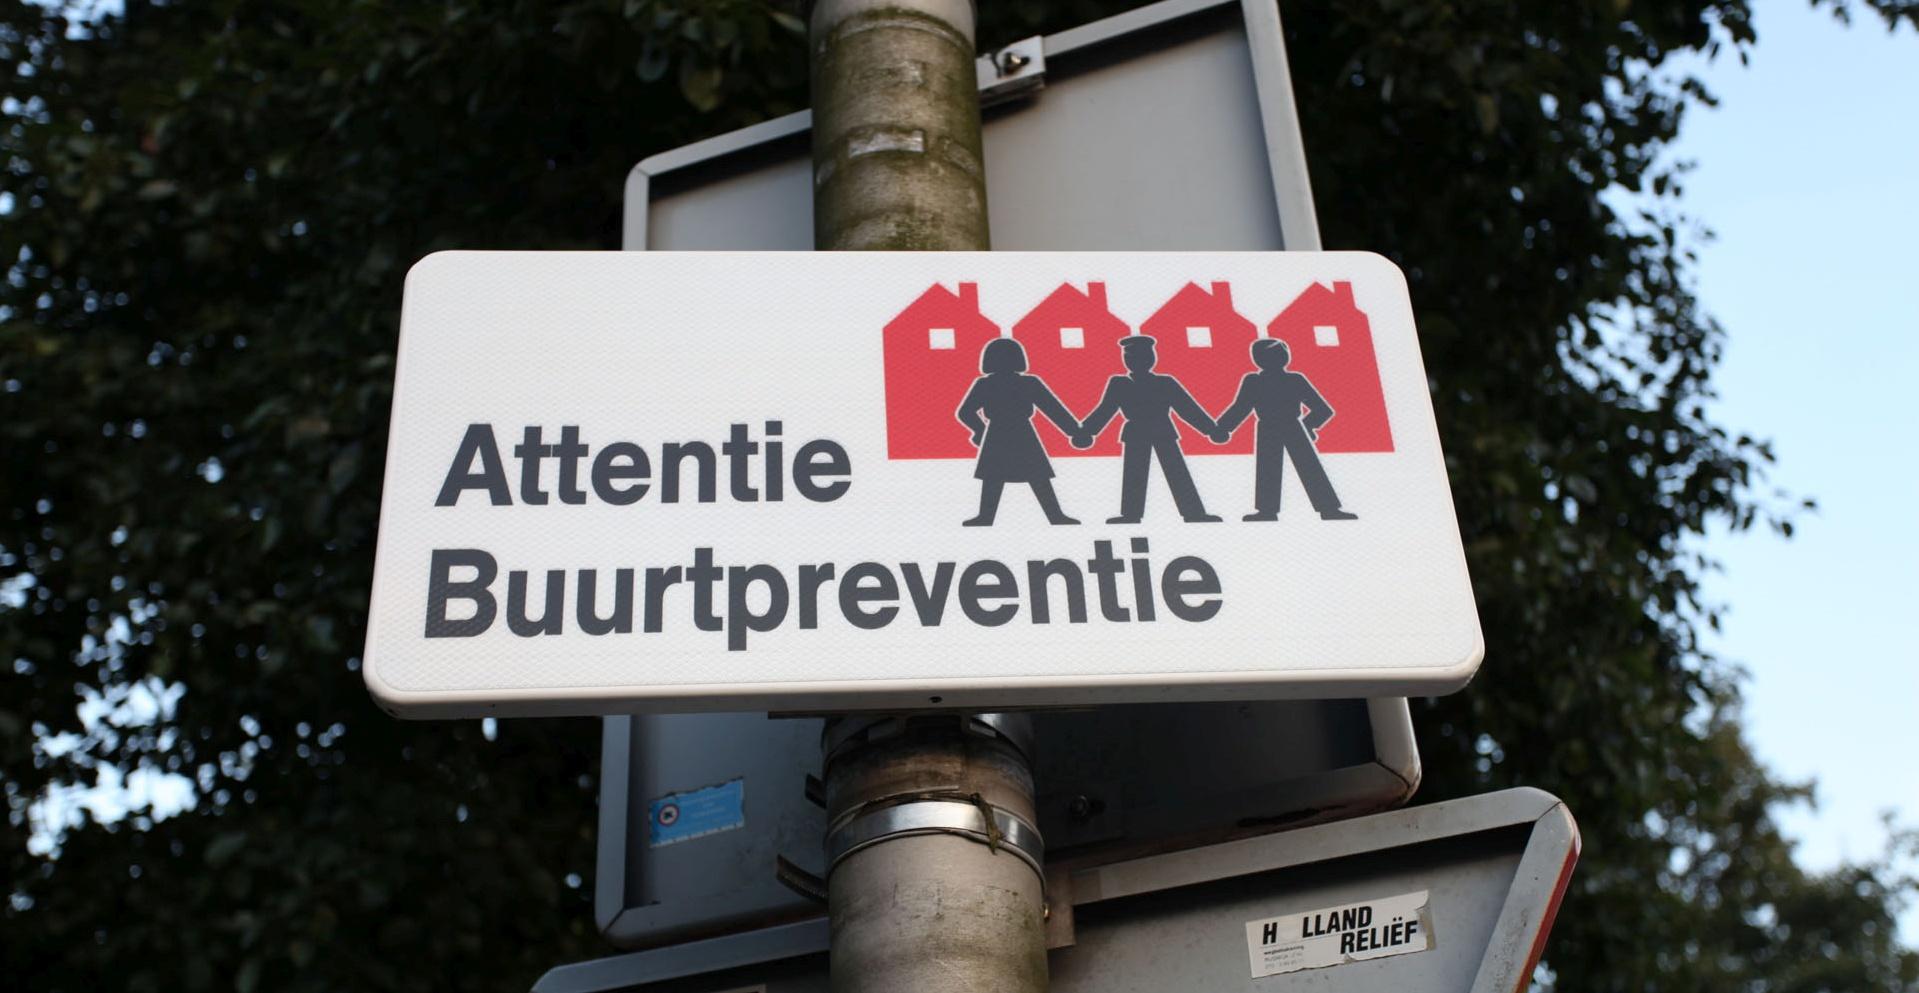 attentie buurtpreventie bord